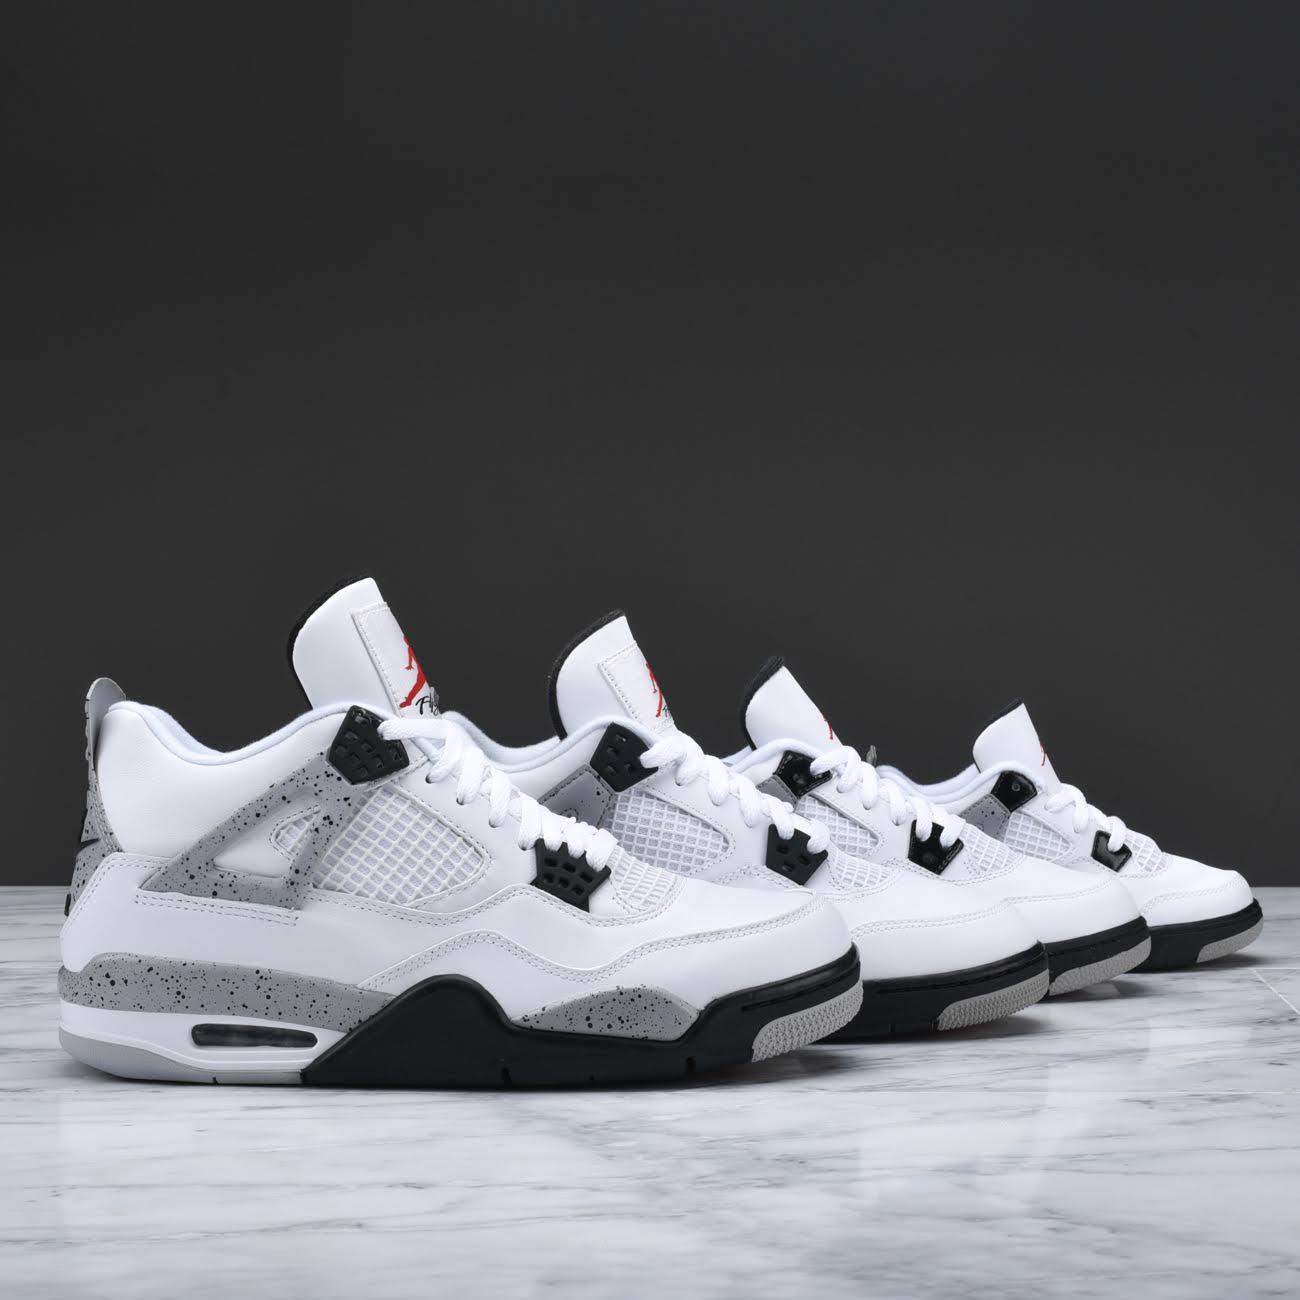 12e5757519c Basketball / Jordan Brand / Kicks Off Court / Kicks On Court / Lifestyle /  Retro Lifestyle ...